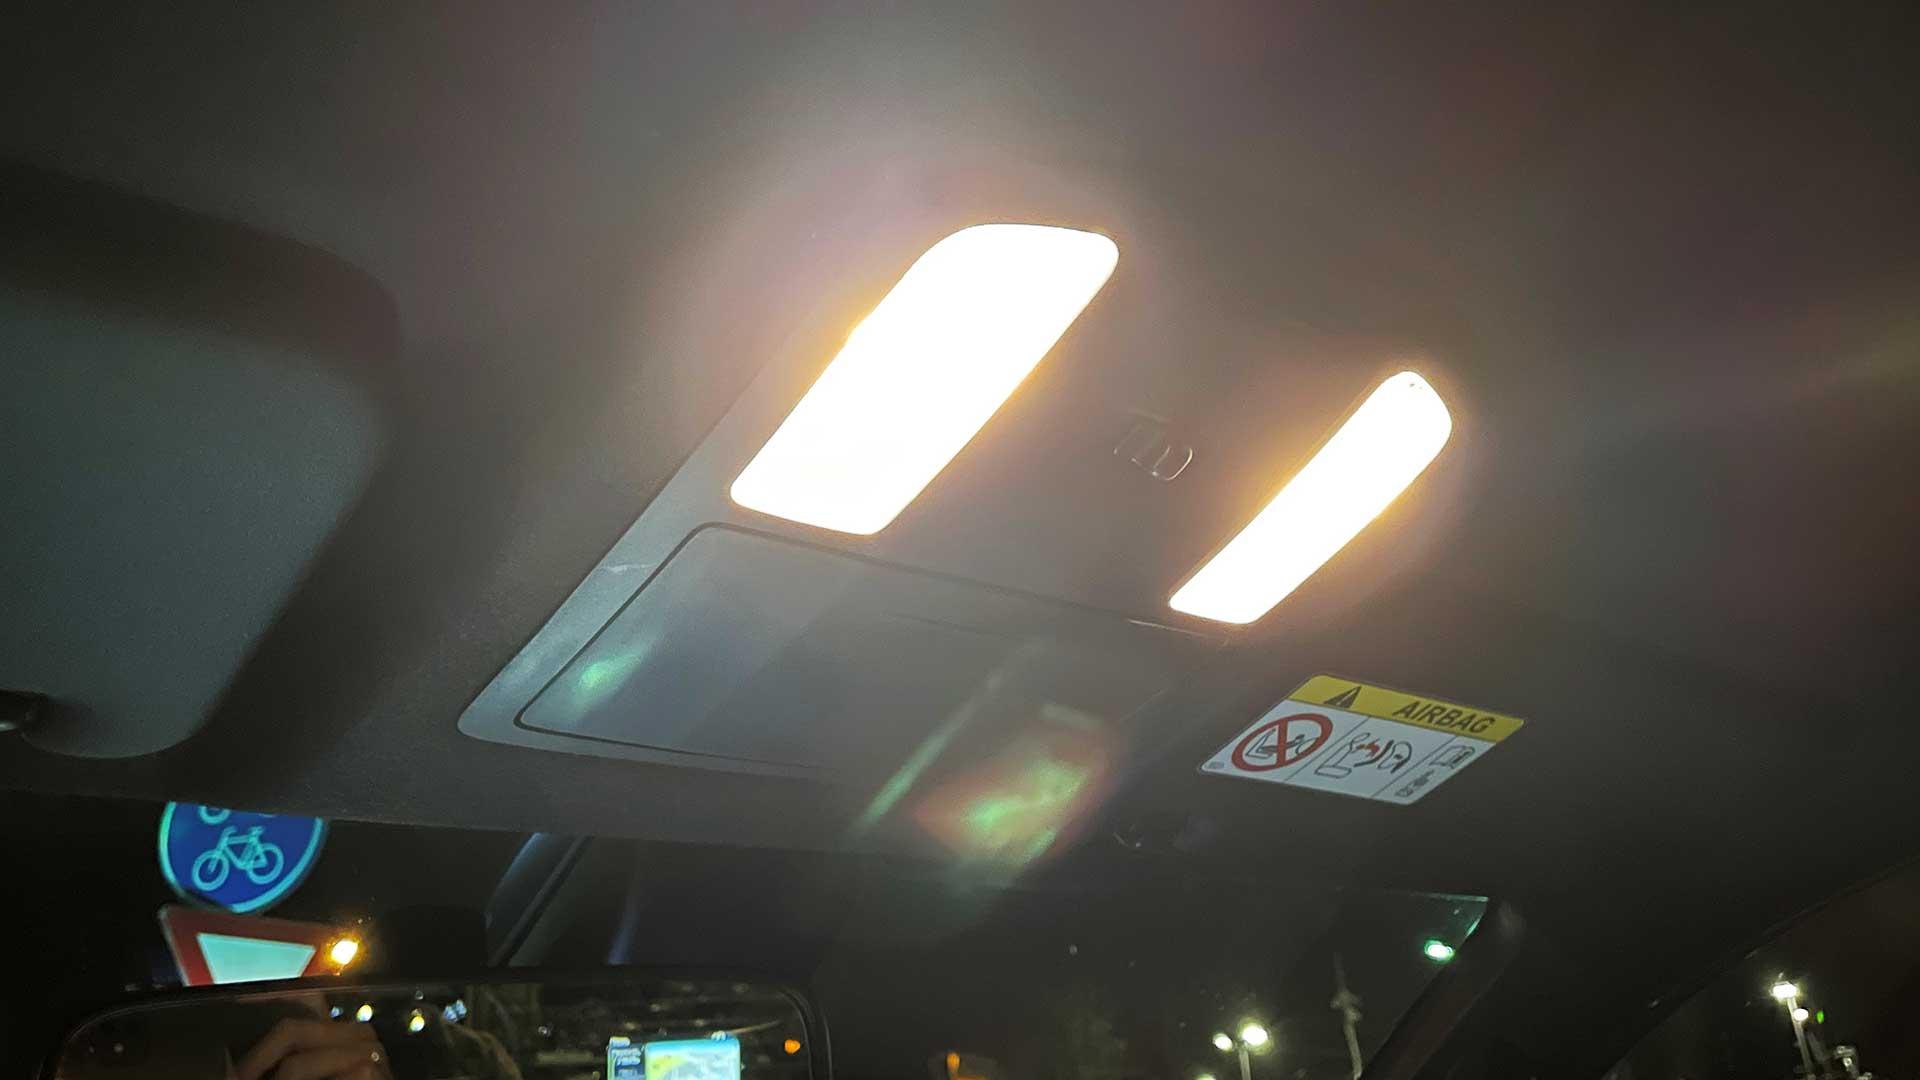 Rijden met interieurverlichting aan, mag dat?